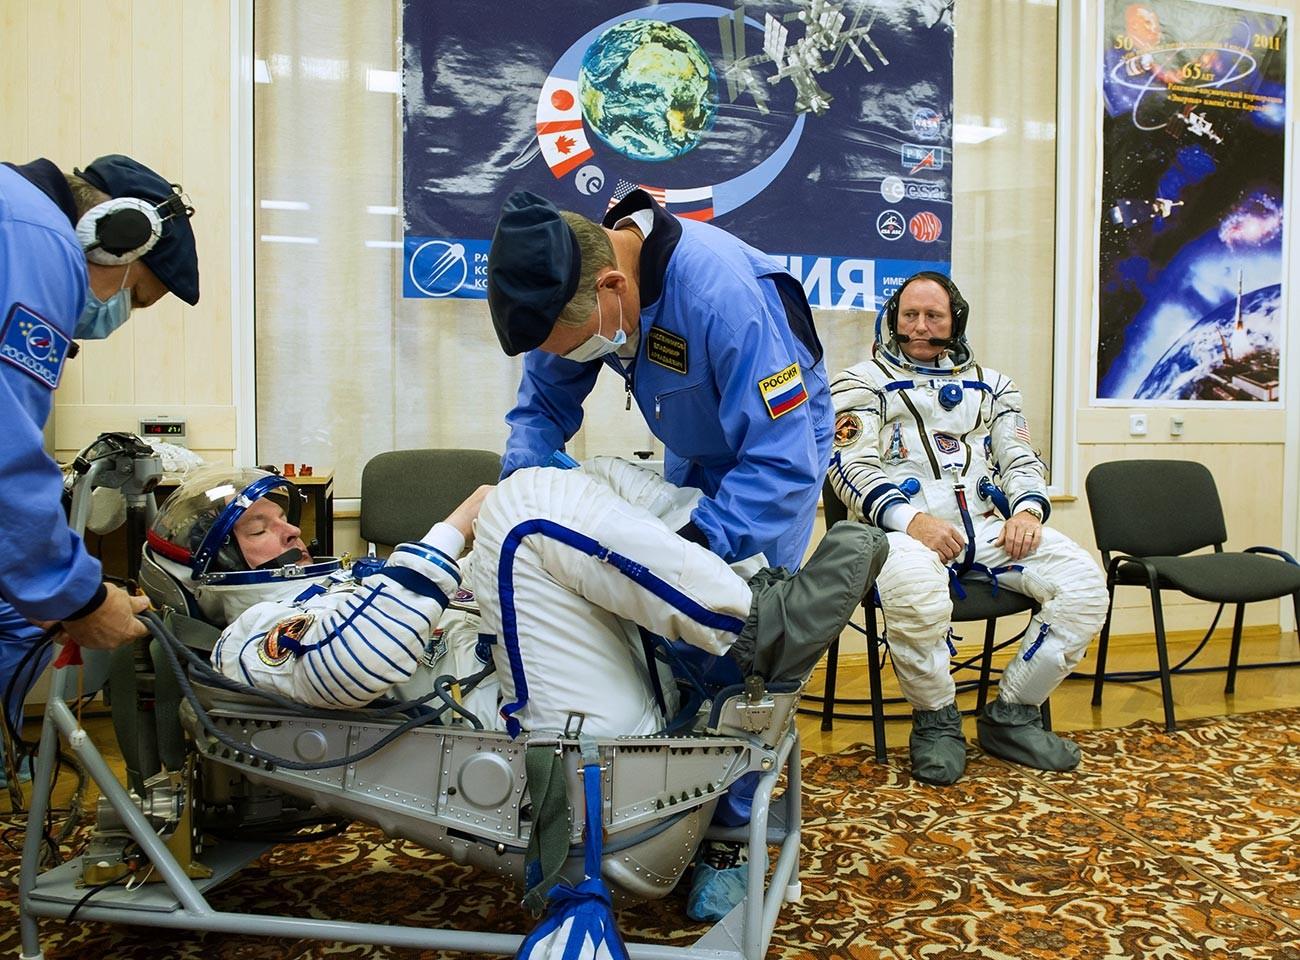 宇宙服を試着しているロシア人とアメリカ人宇宙飛行士